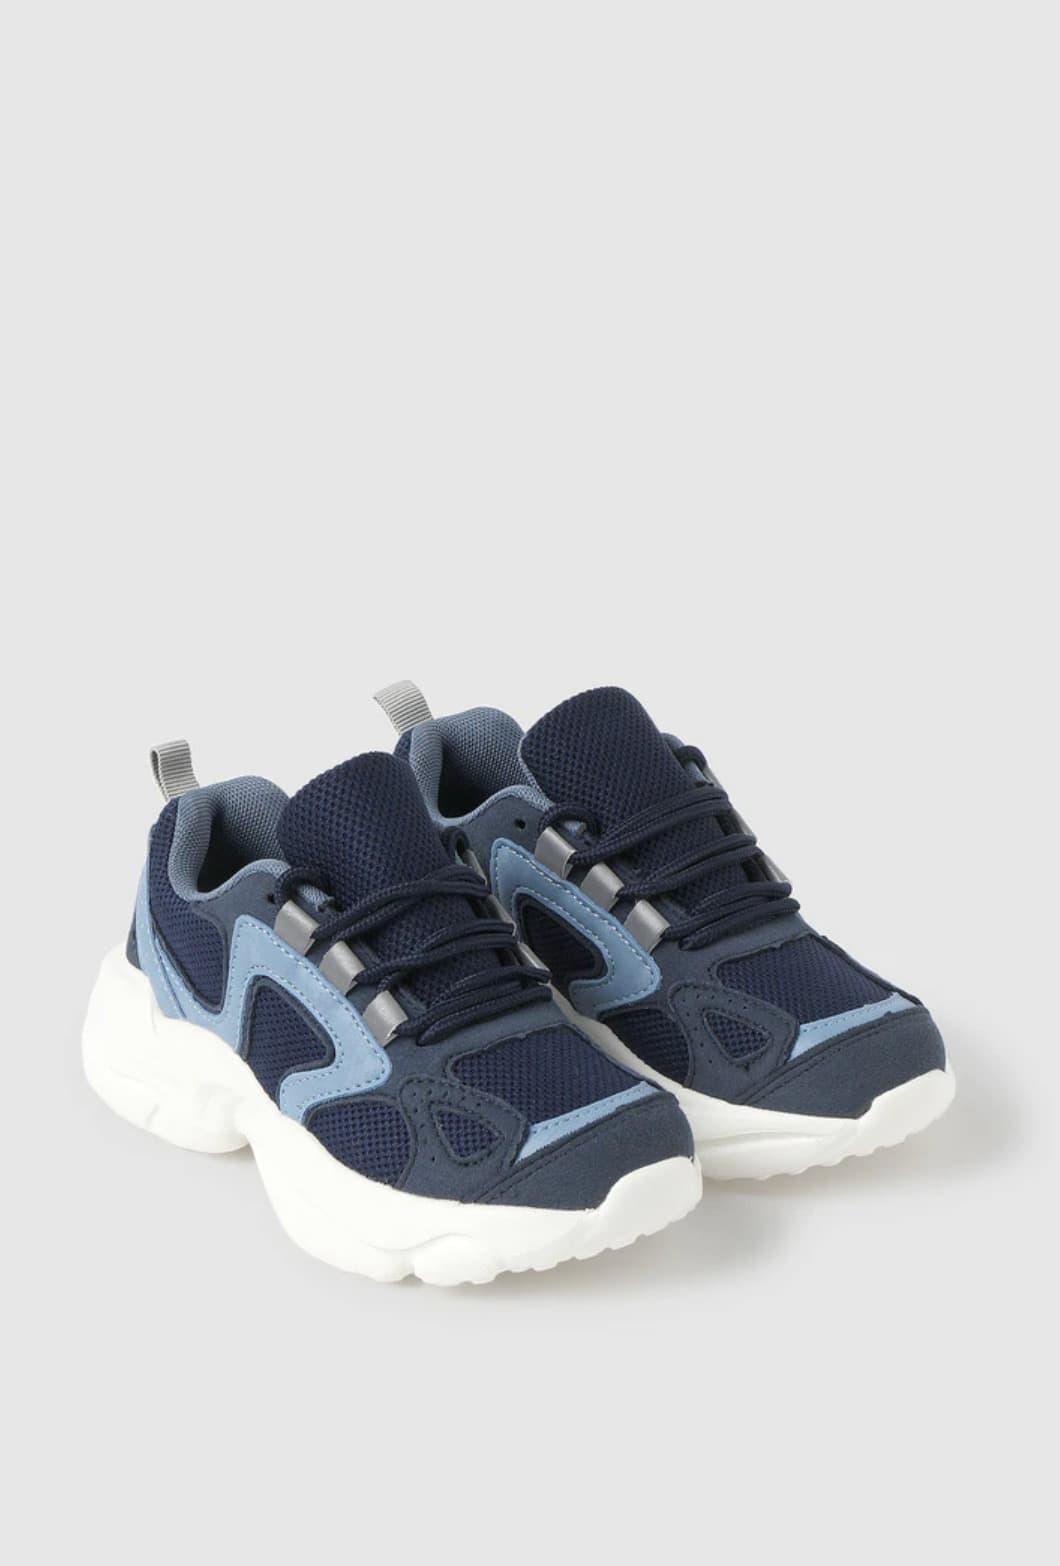 Zapatillas deportivas de niño Kids Collection de color azul marino con cierre de cordones